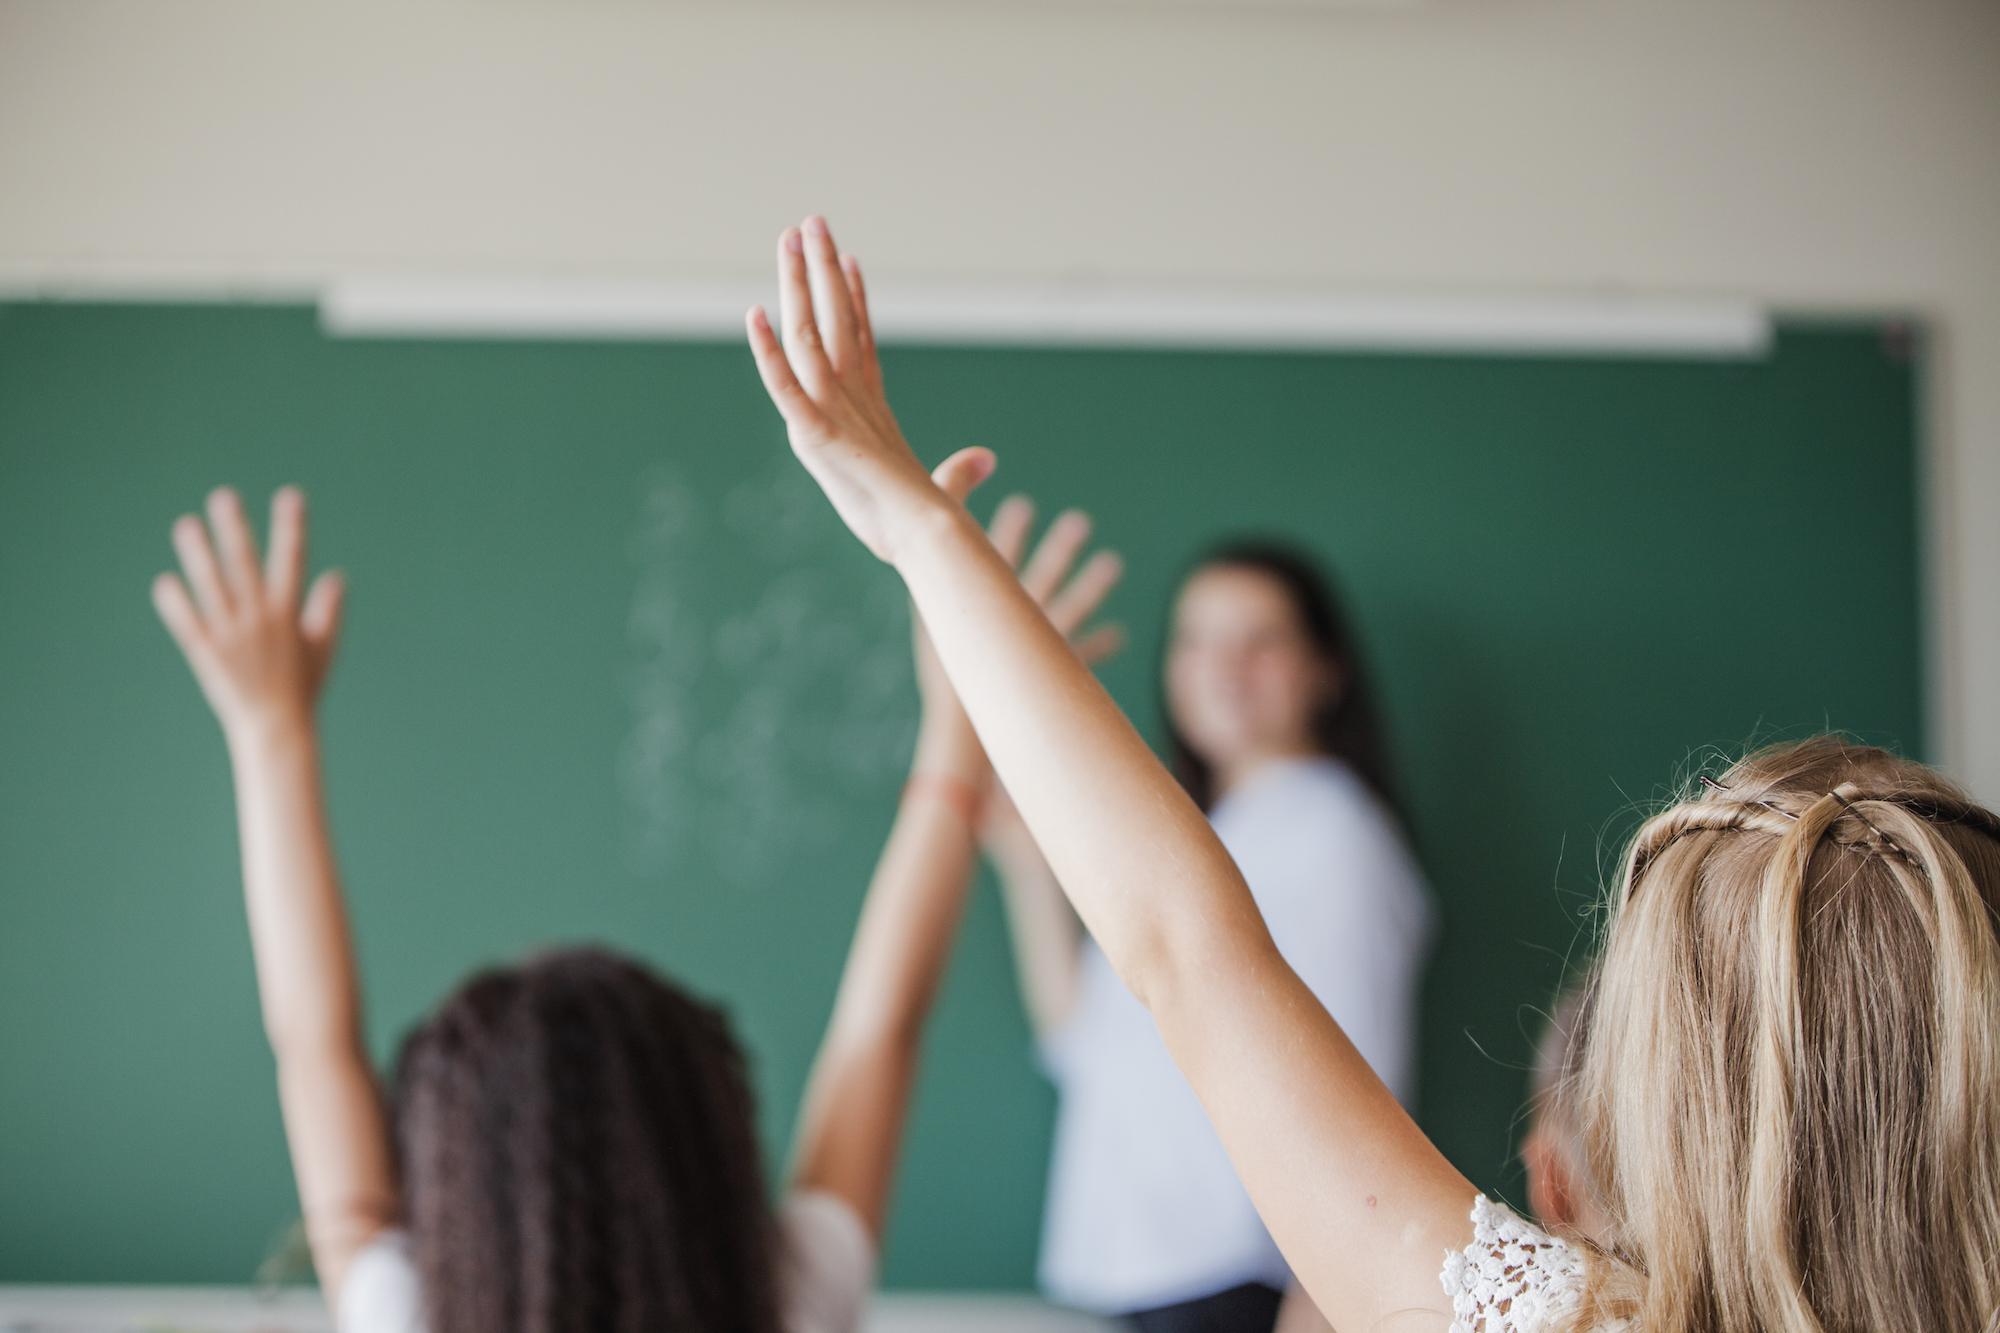 uczniowie podczas lekcji podnoszący ręce, aby zgłosić się do odpowiedzi